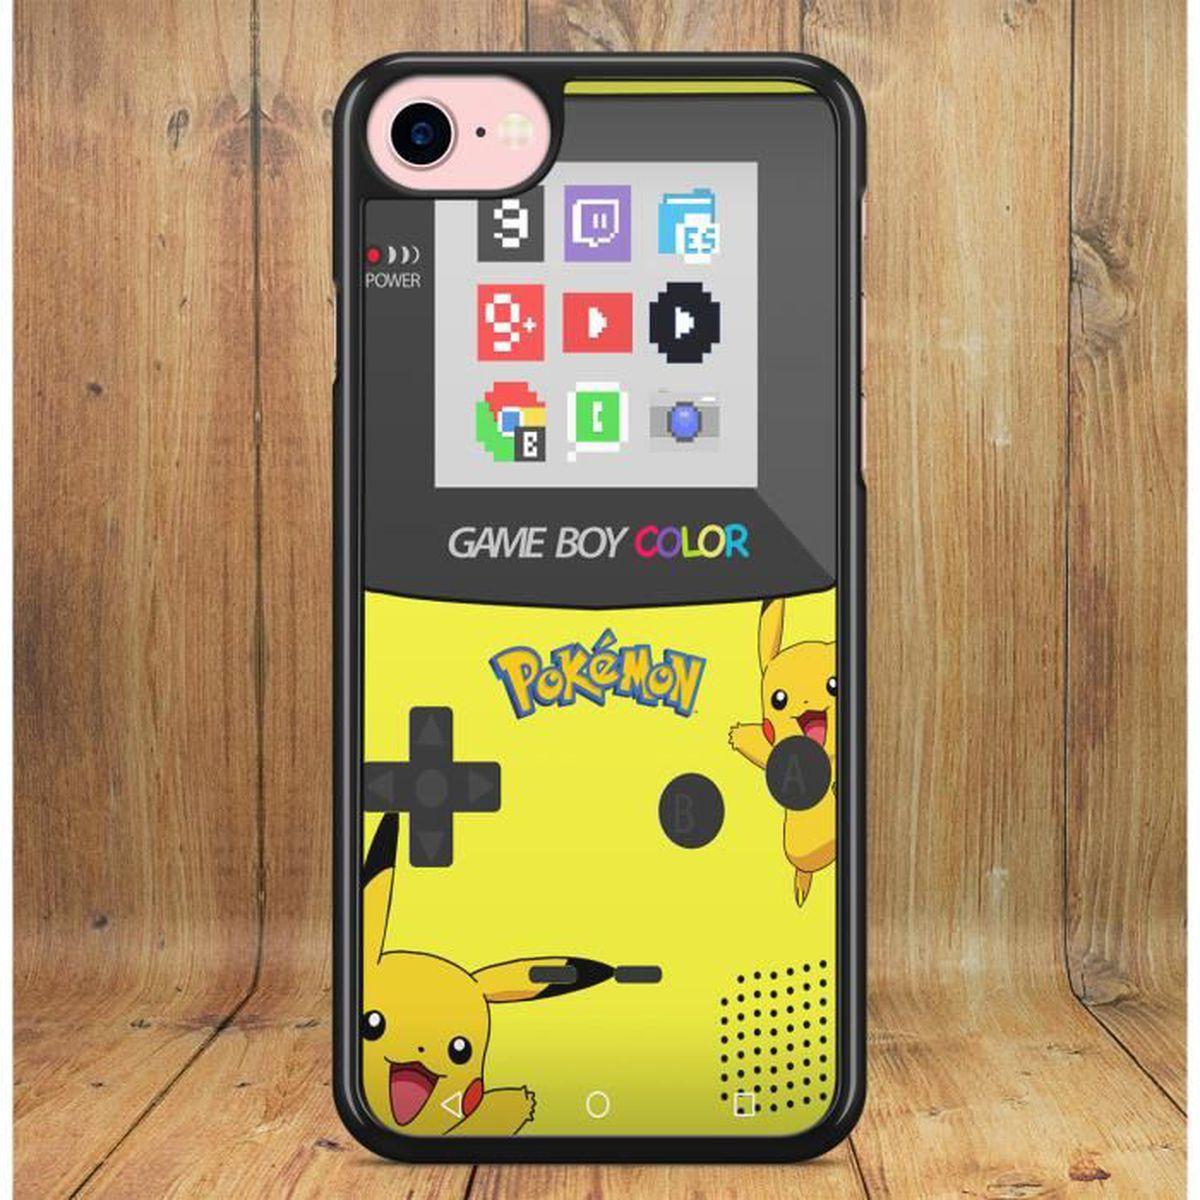 Coque Samsung Galaxy S9 PLUS GameBoy Color Pokemon Pikachu Go Vintage Console Jeux Vidéo Neuf sous Blister